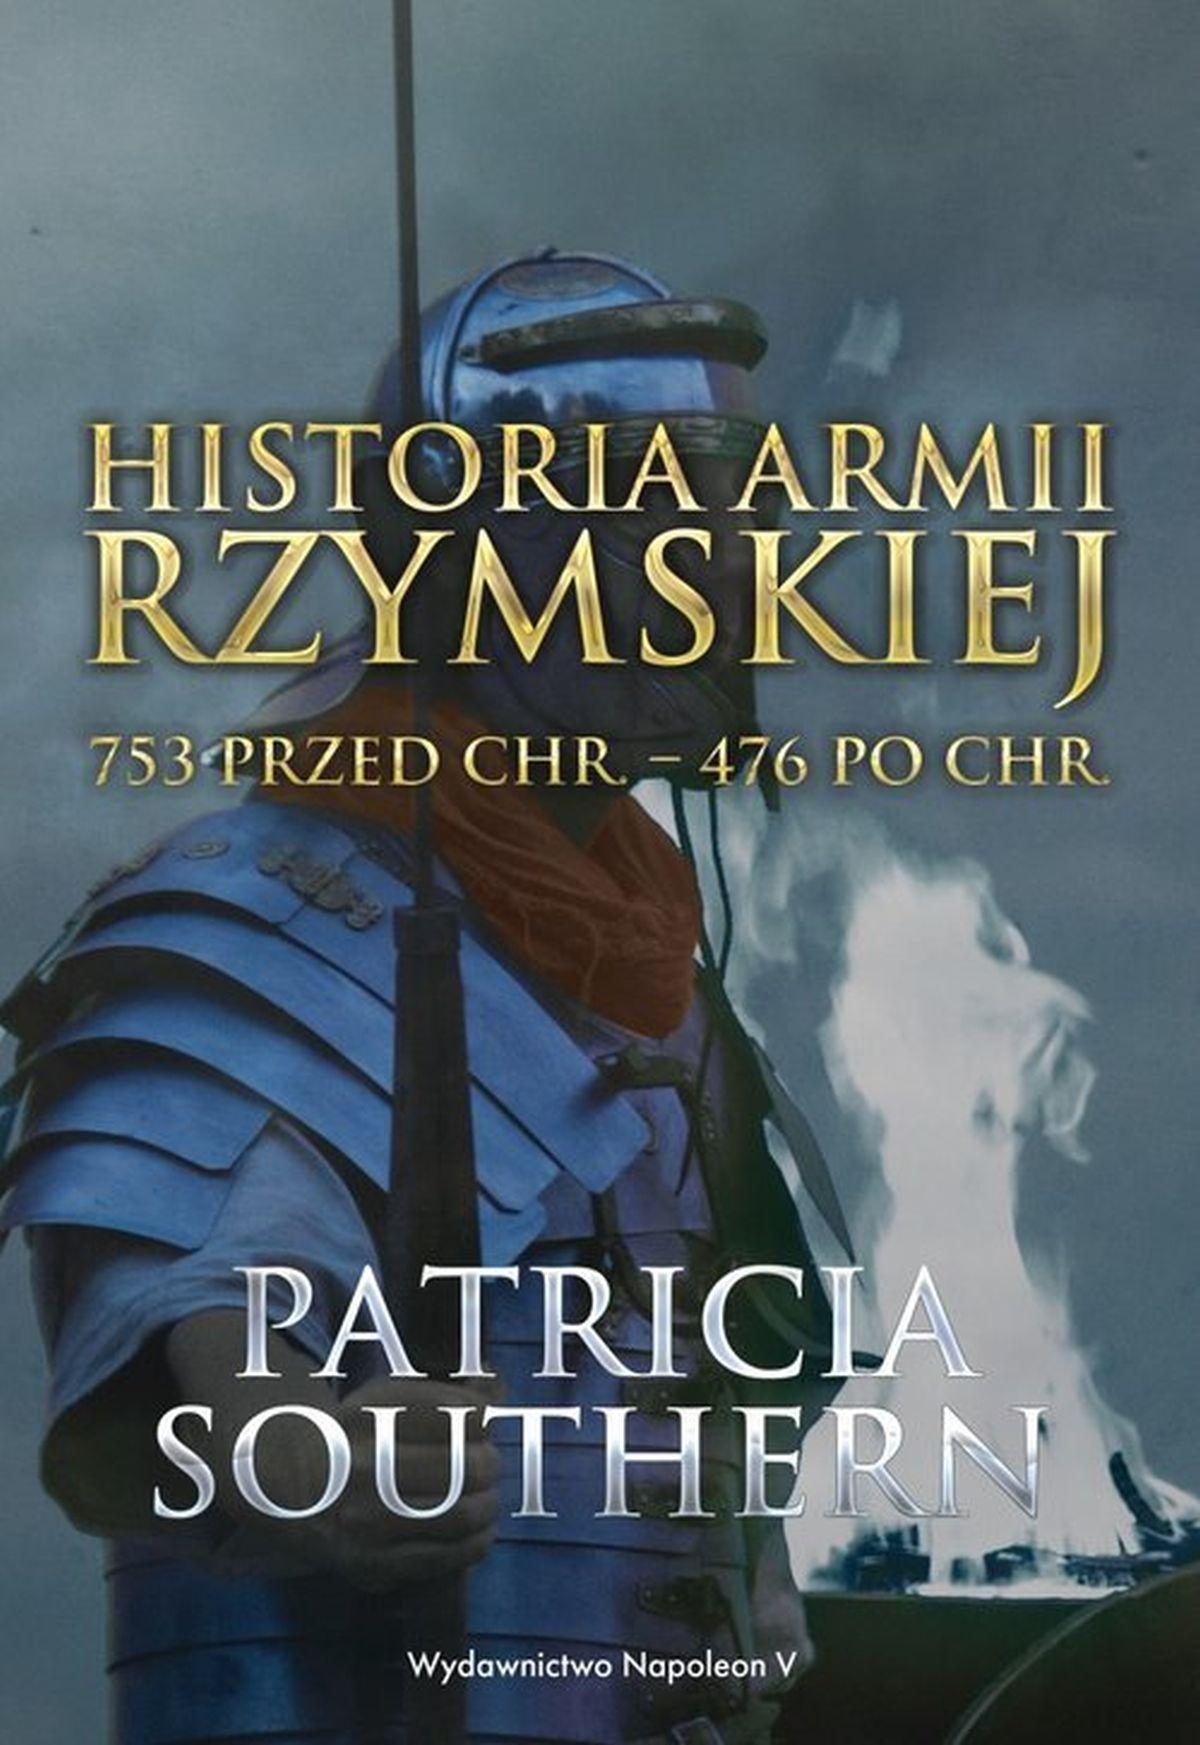 Patricia Southern, Historia Armii Rzymskiej 753 przed Chr. - 476 po Chr.